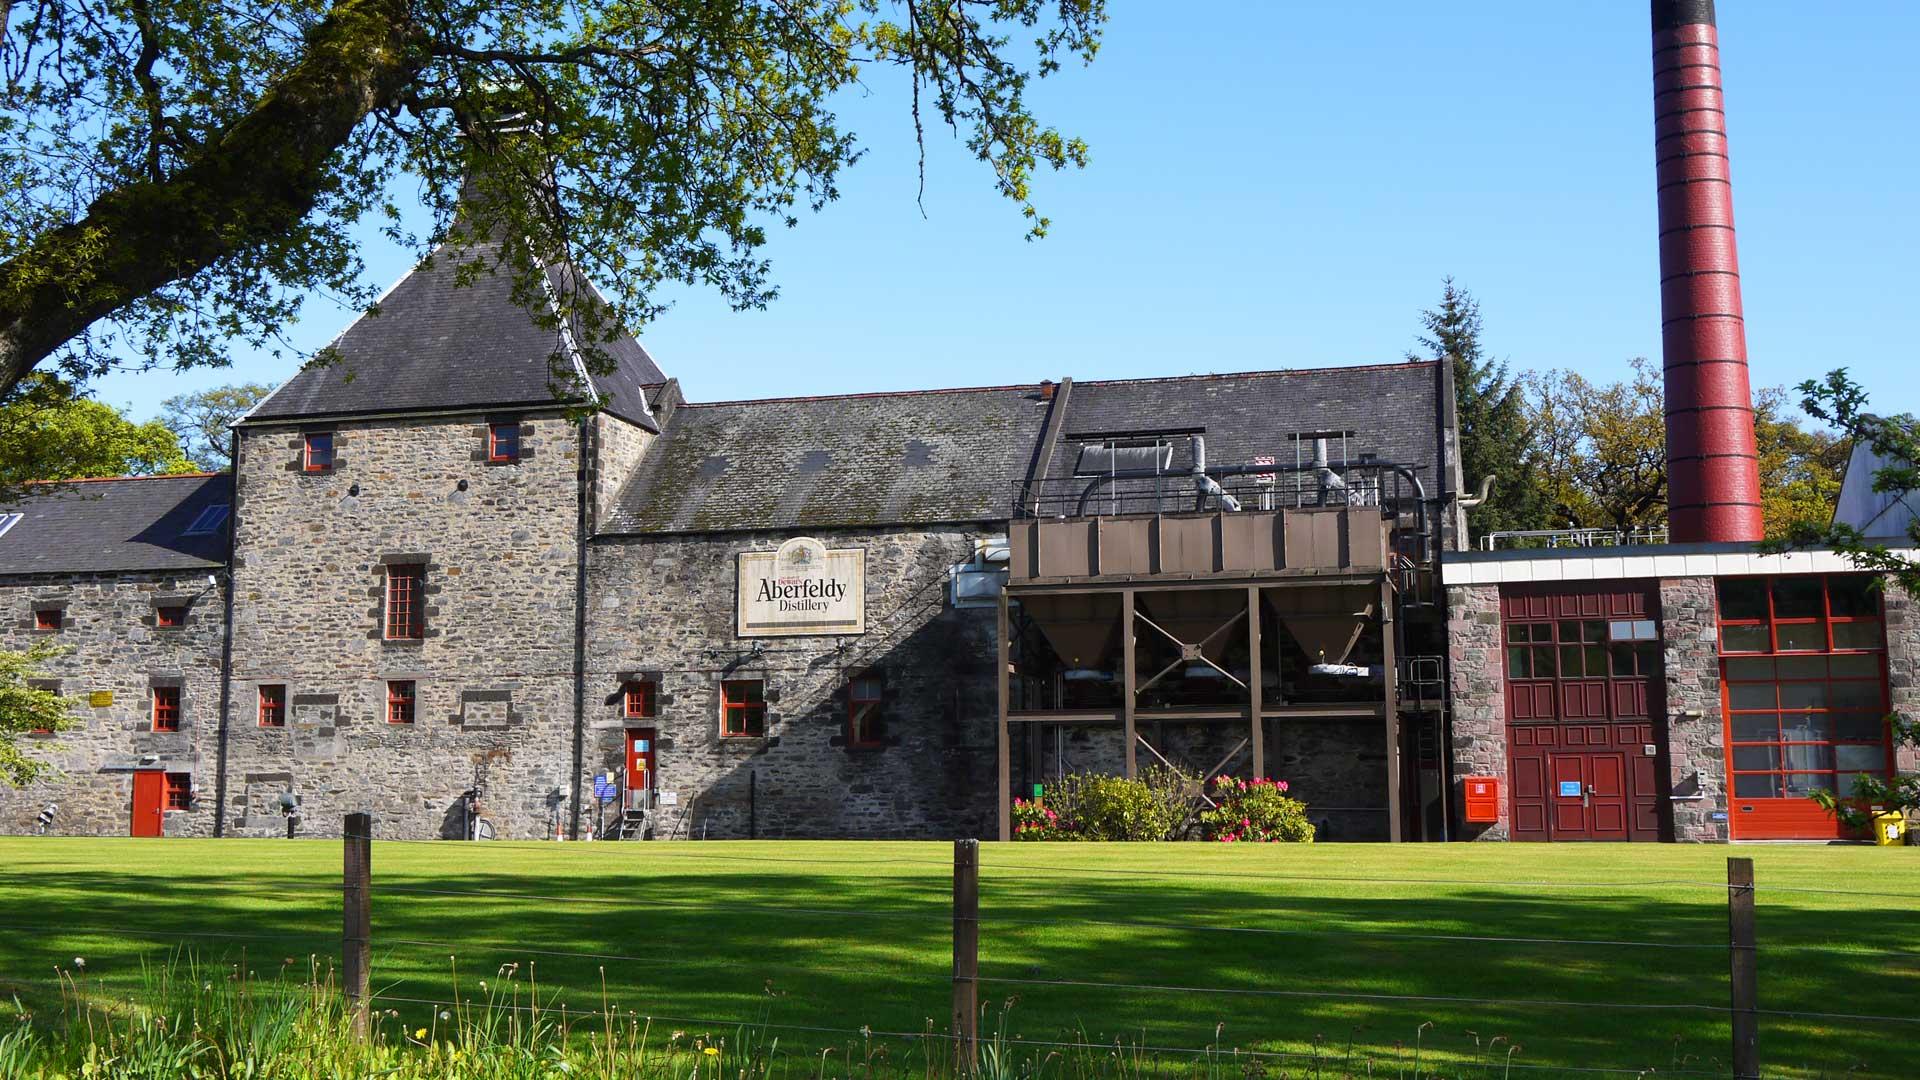 Die alten Gemäuer der Aberfeldy-Destillerie sind wunderschön gelegen. (Foto: Malt Whisky)